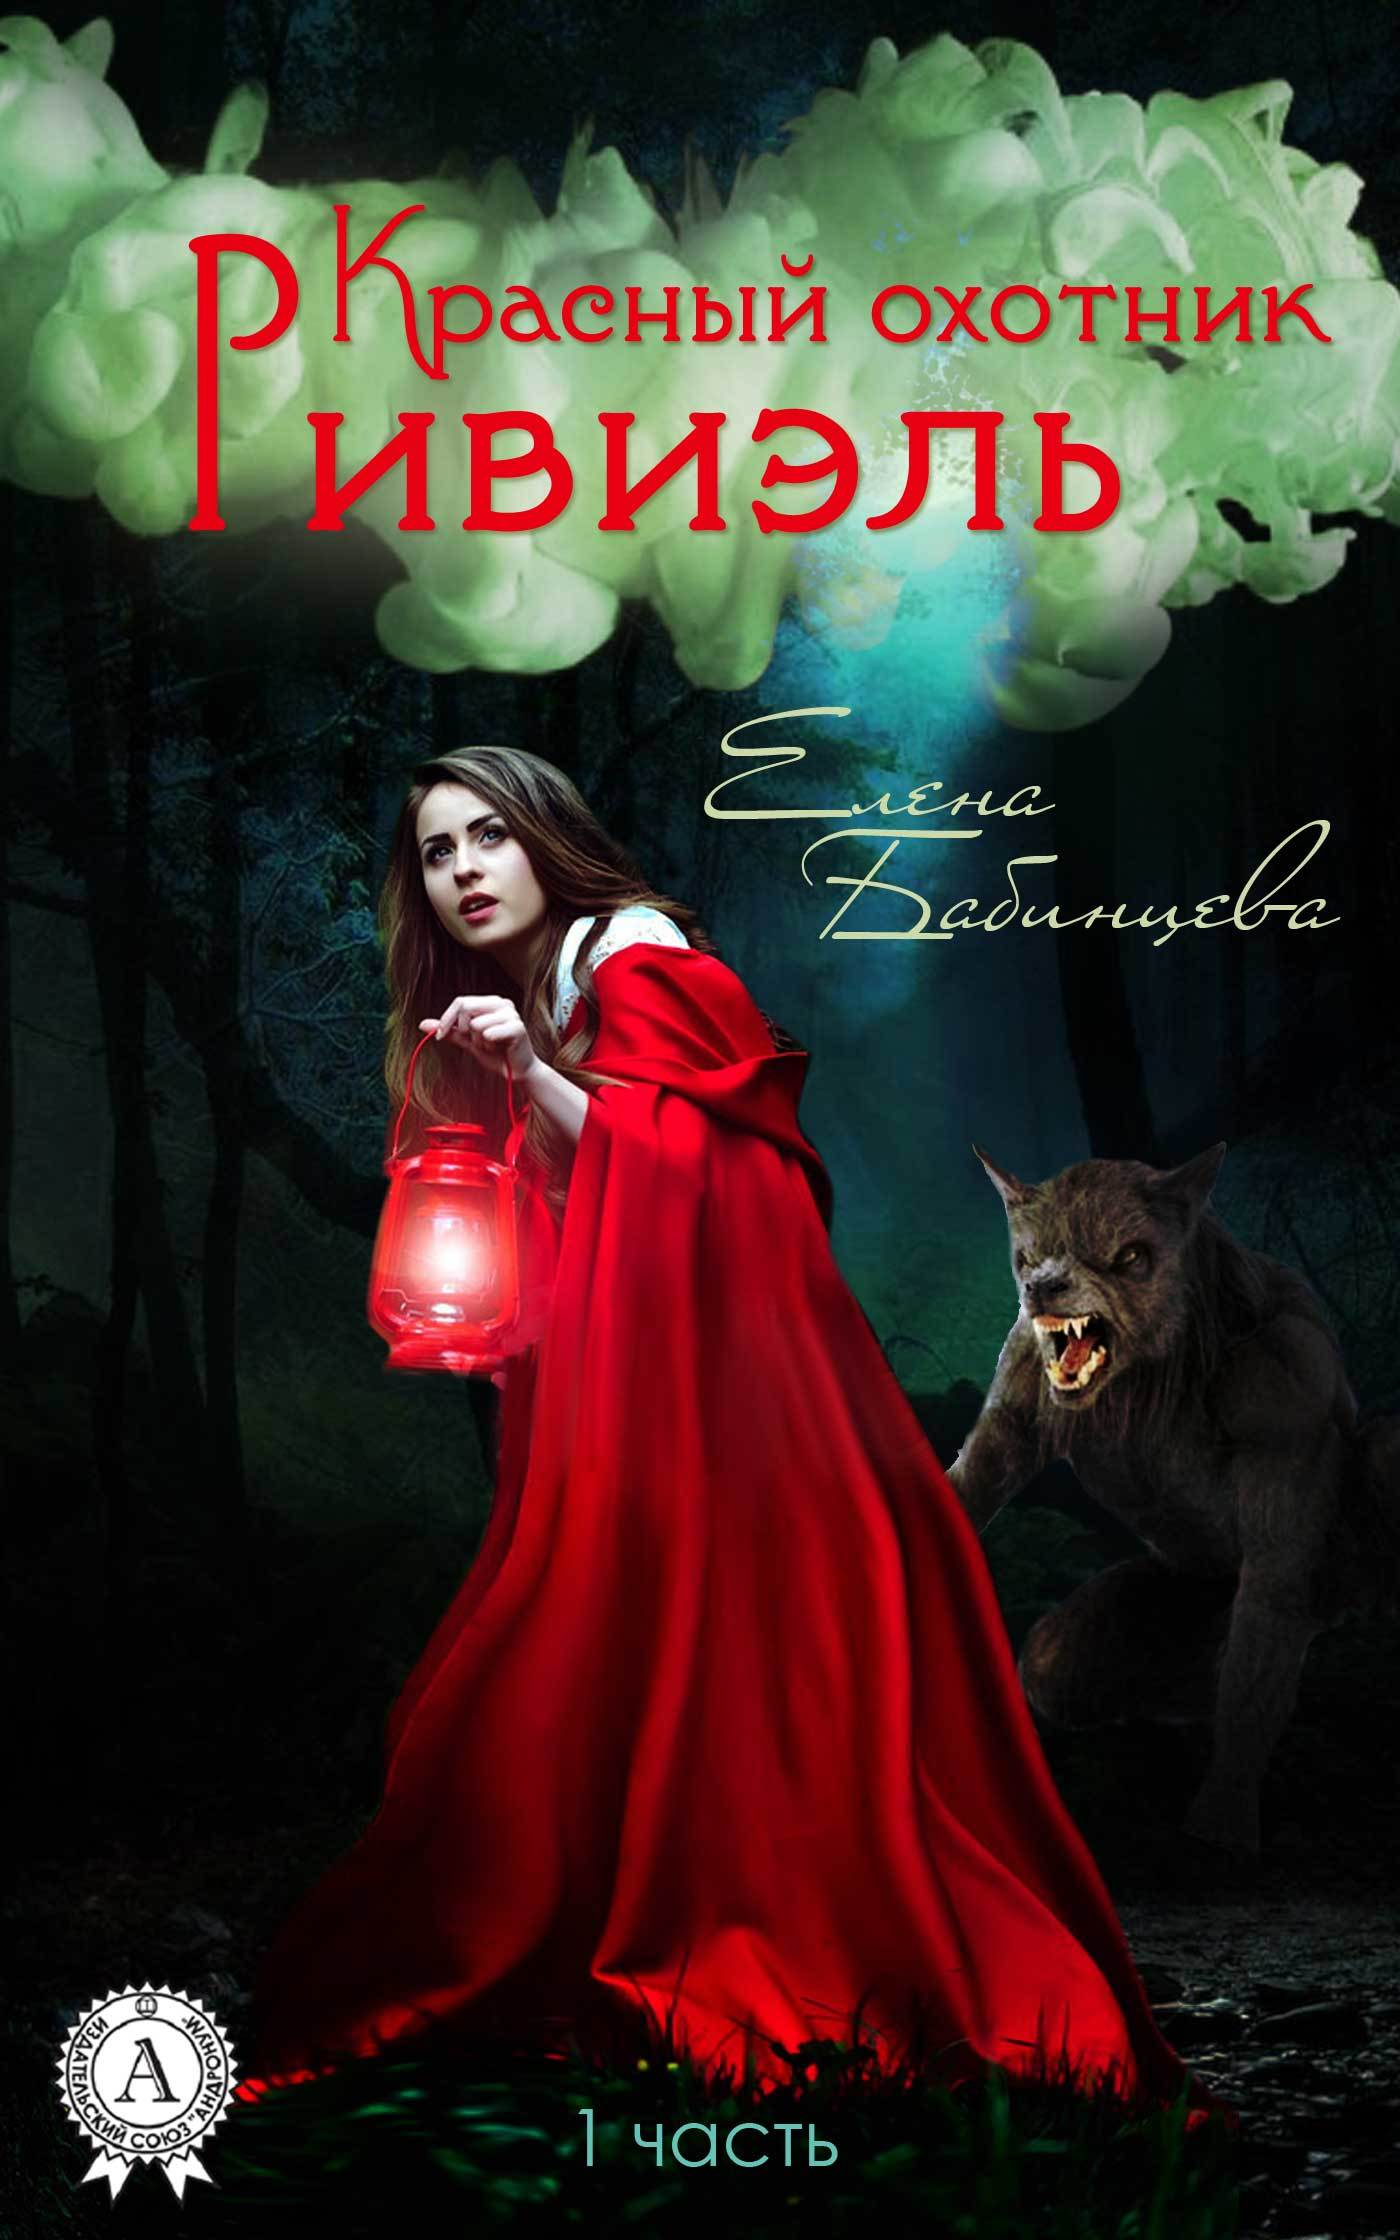 Елена Бабинцева Красный охотник Ривиэль лесоповал я куплю тебе дом lp